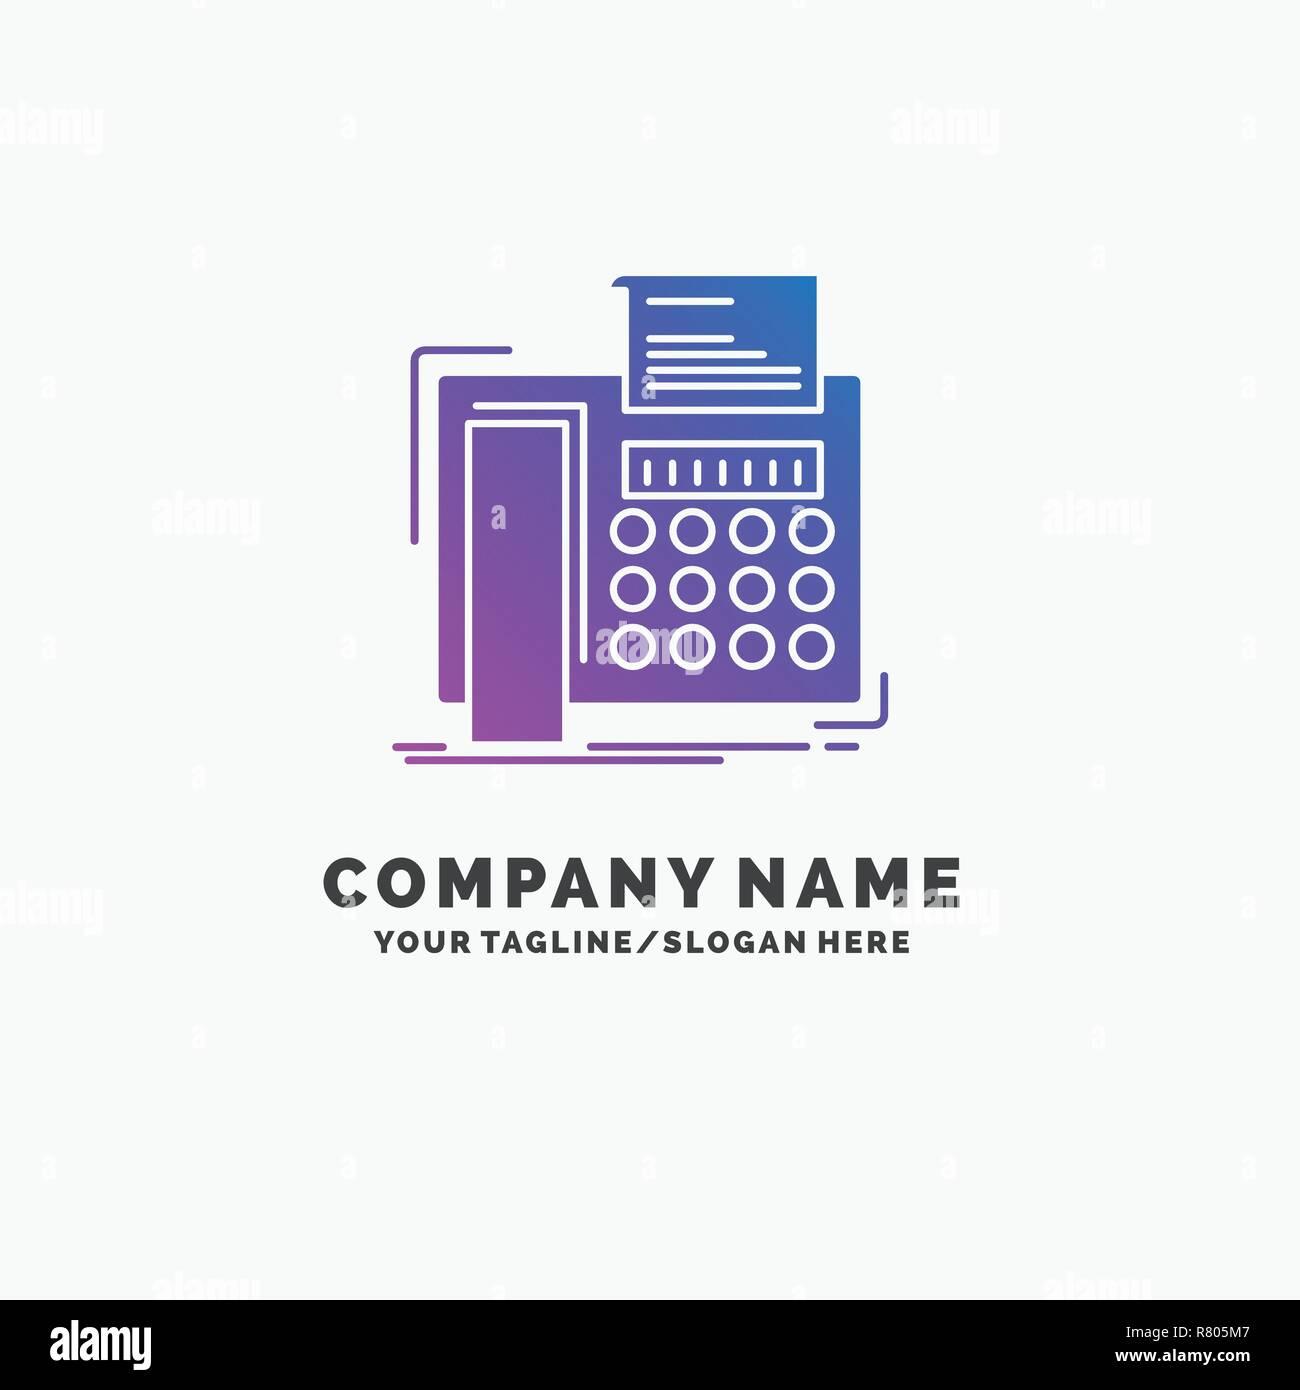 Fax Telephone Telecopie Message La Communication D Entreprise Modele Logo Violet Place Pour Accroche Image Vectorielle Stock Alamy